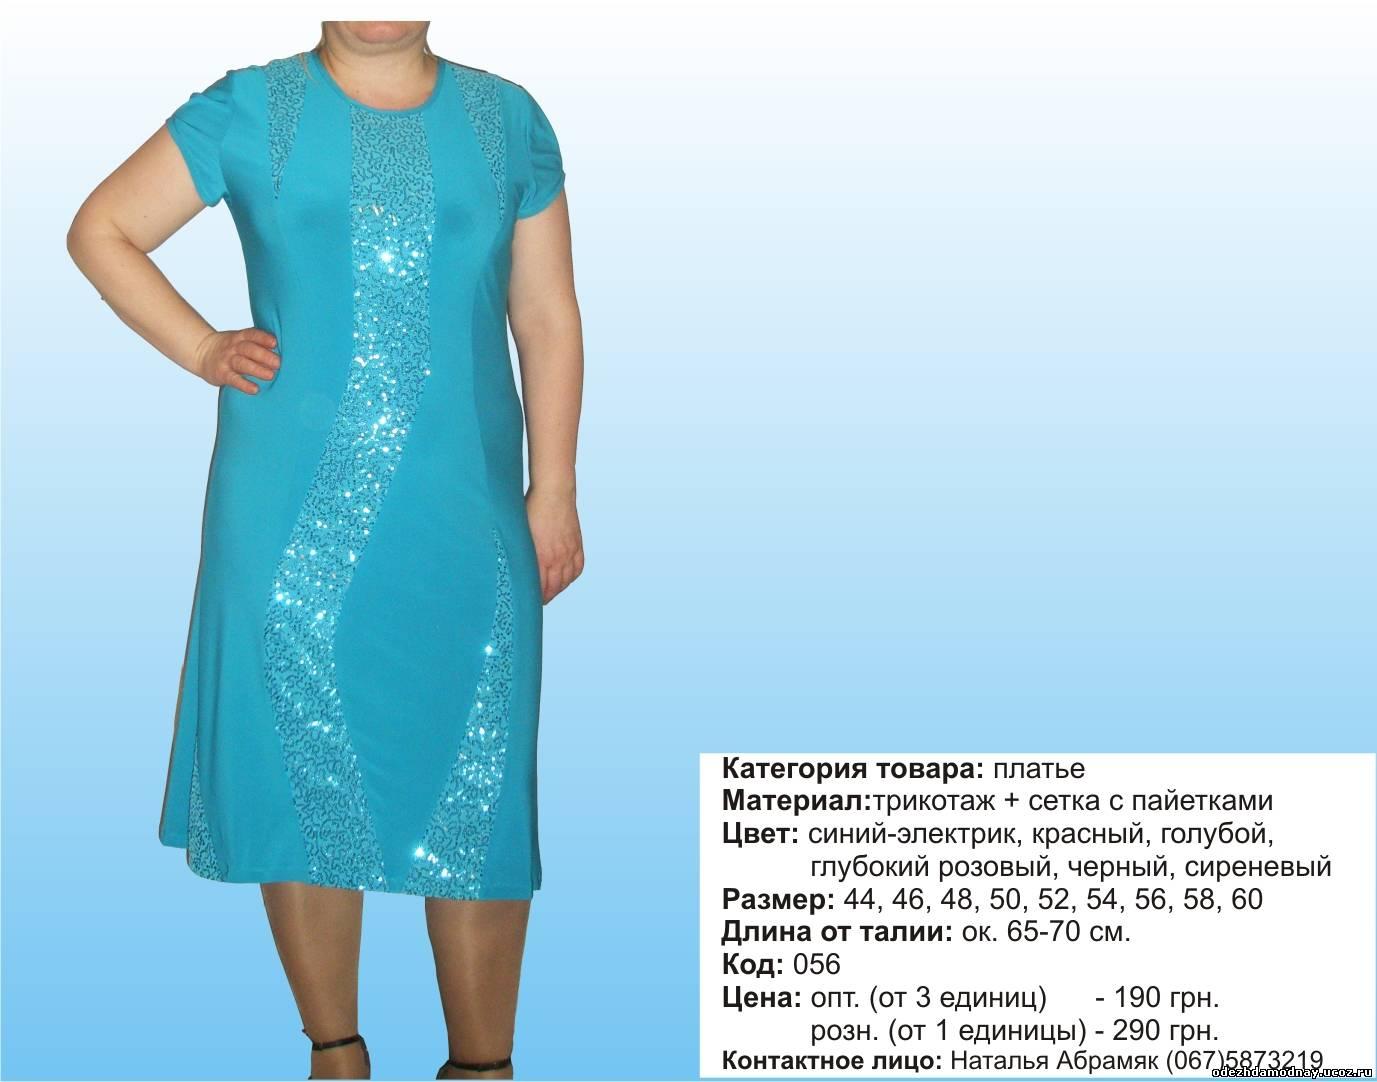 Одежда Маленьких Размеров Женская